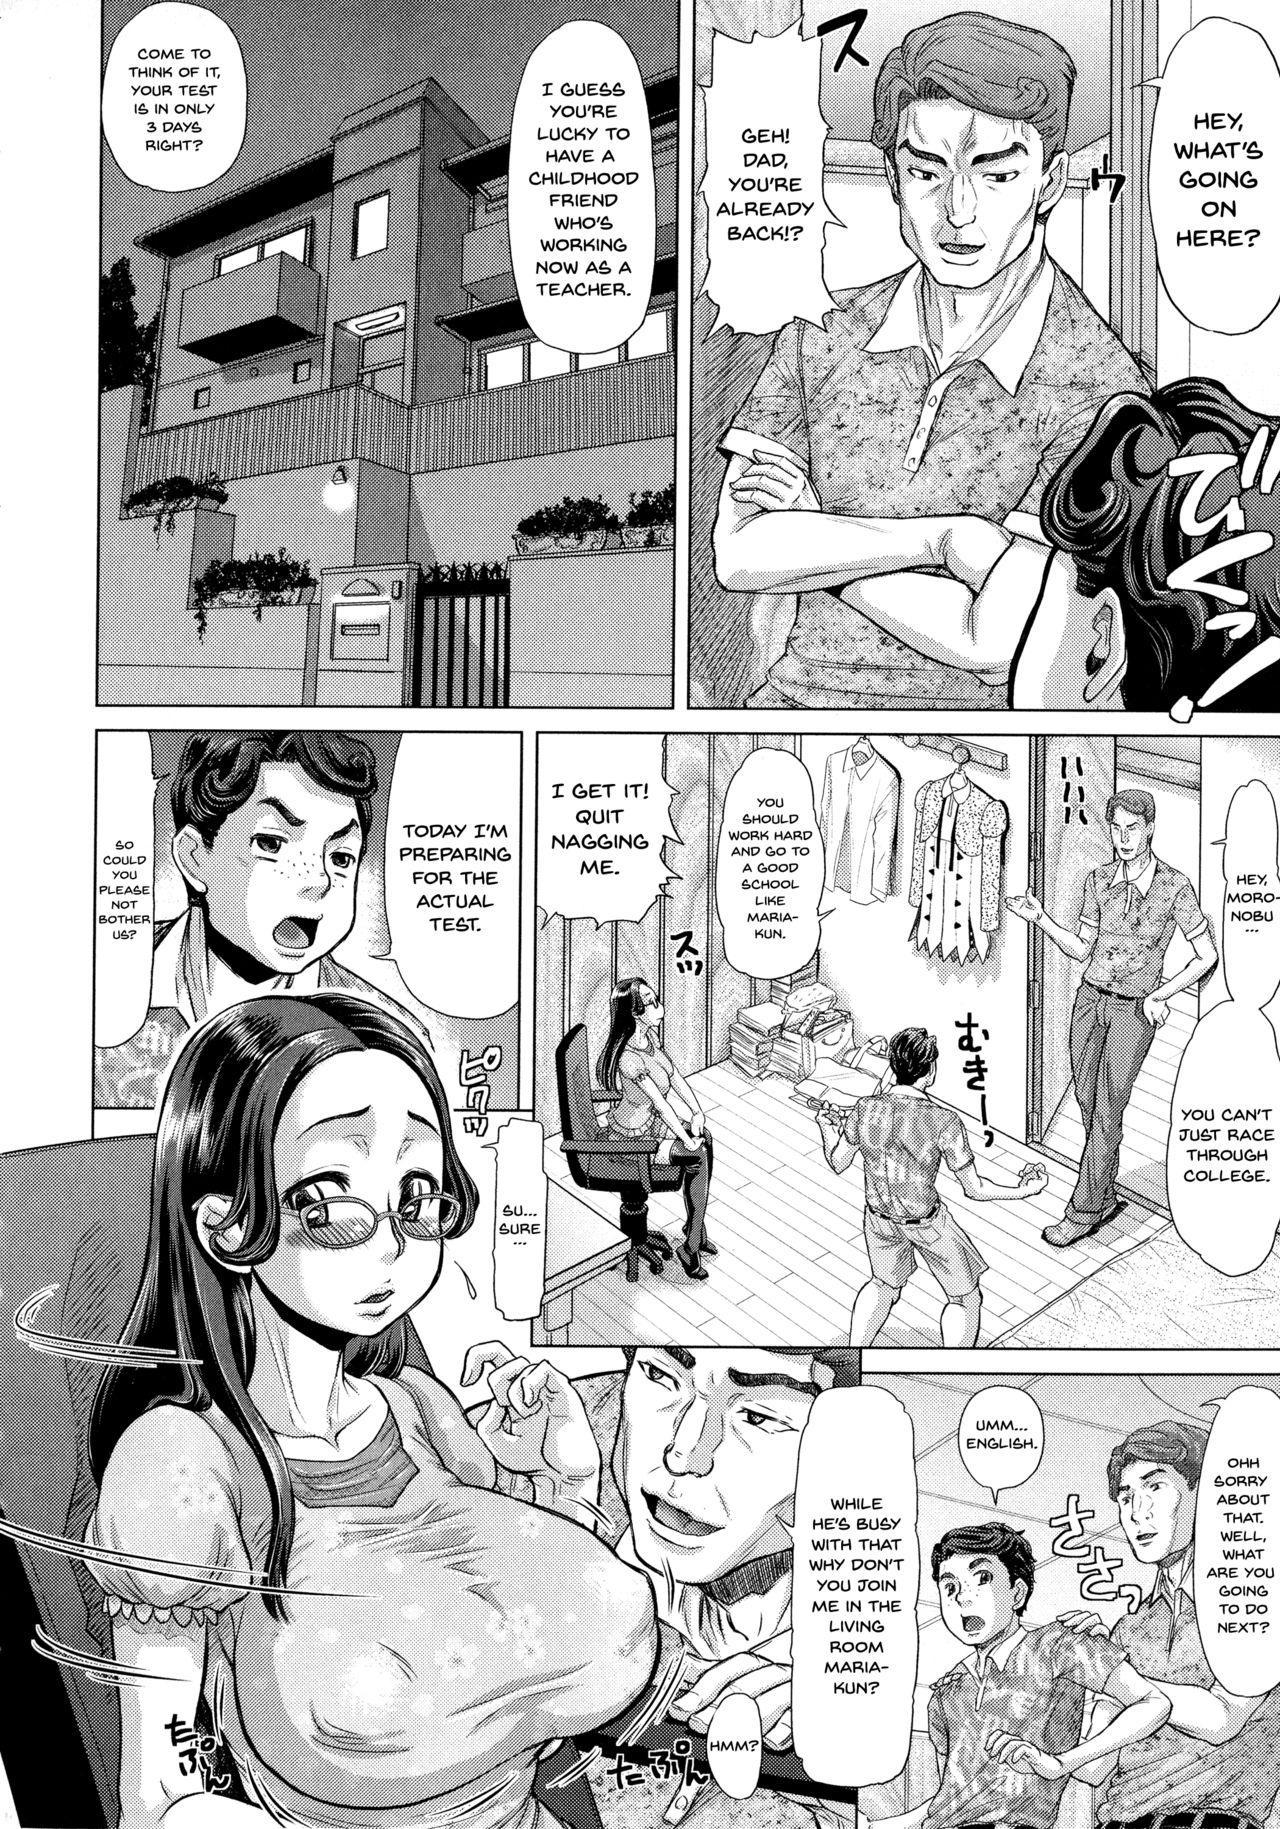 [Minority] Negative Kanako-sensei Ch. 1-6 [English] {Doujins.com} 97